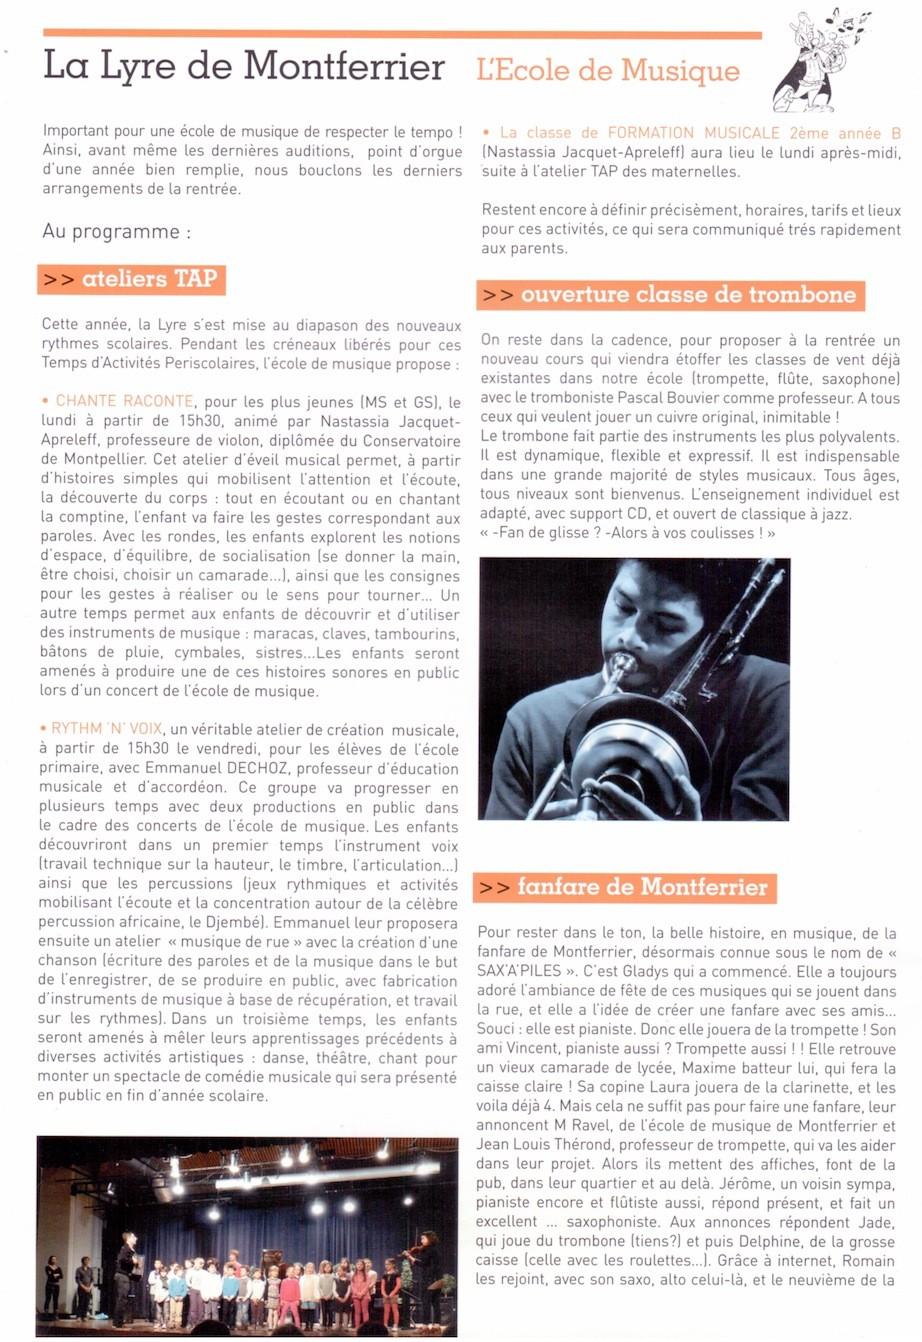 article ecole de musique la lyre de montferrier sur lez